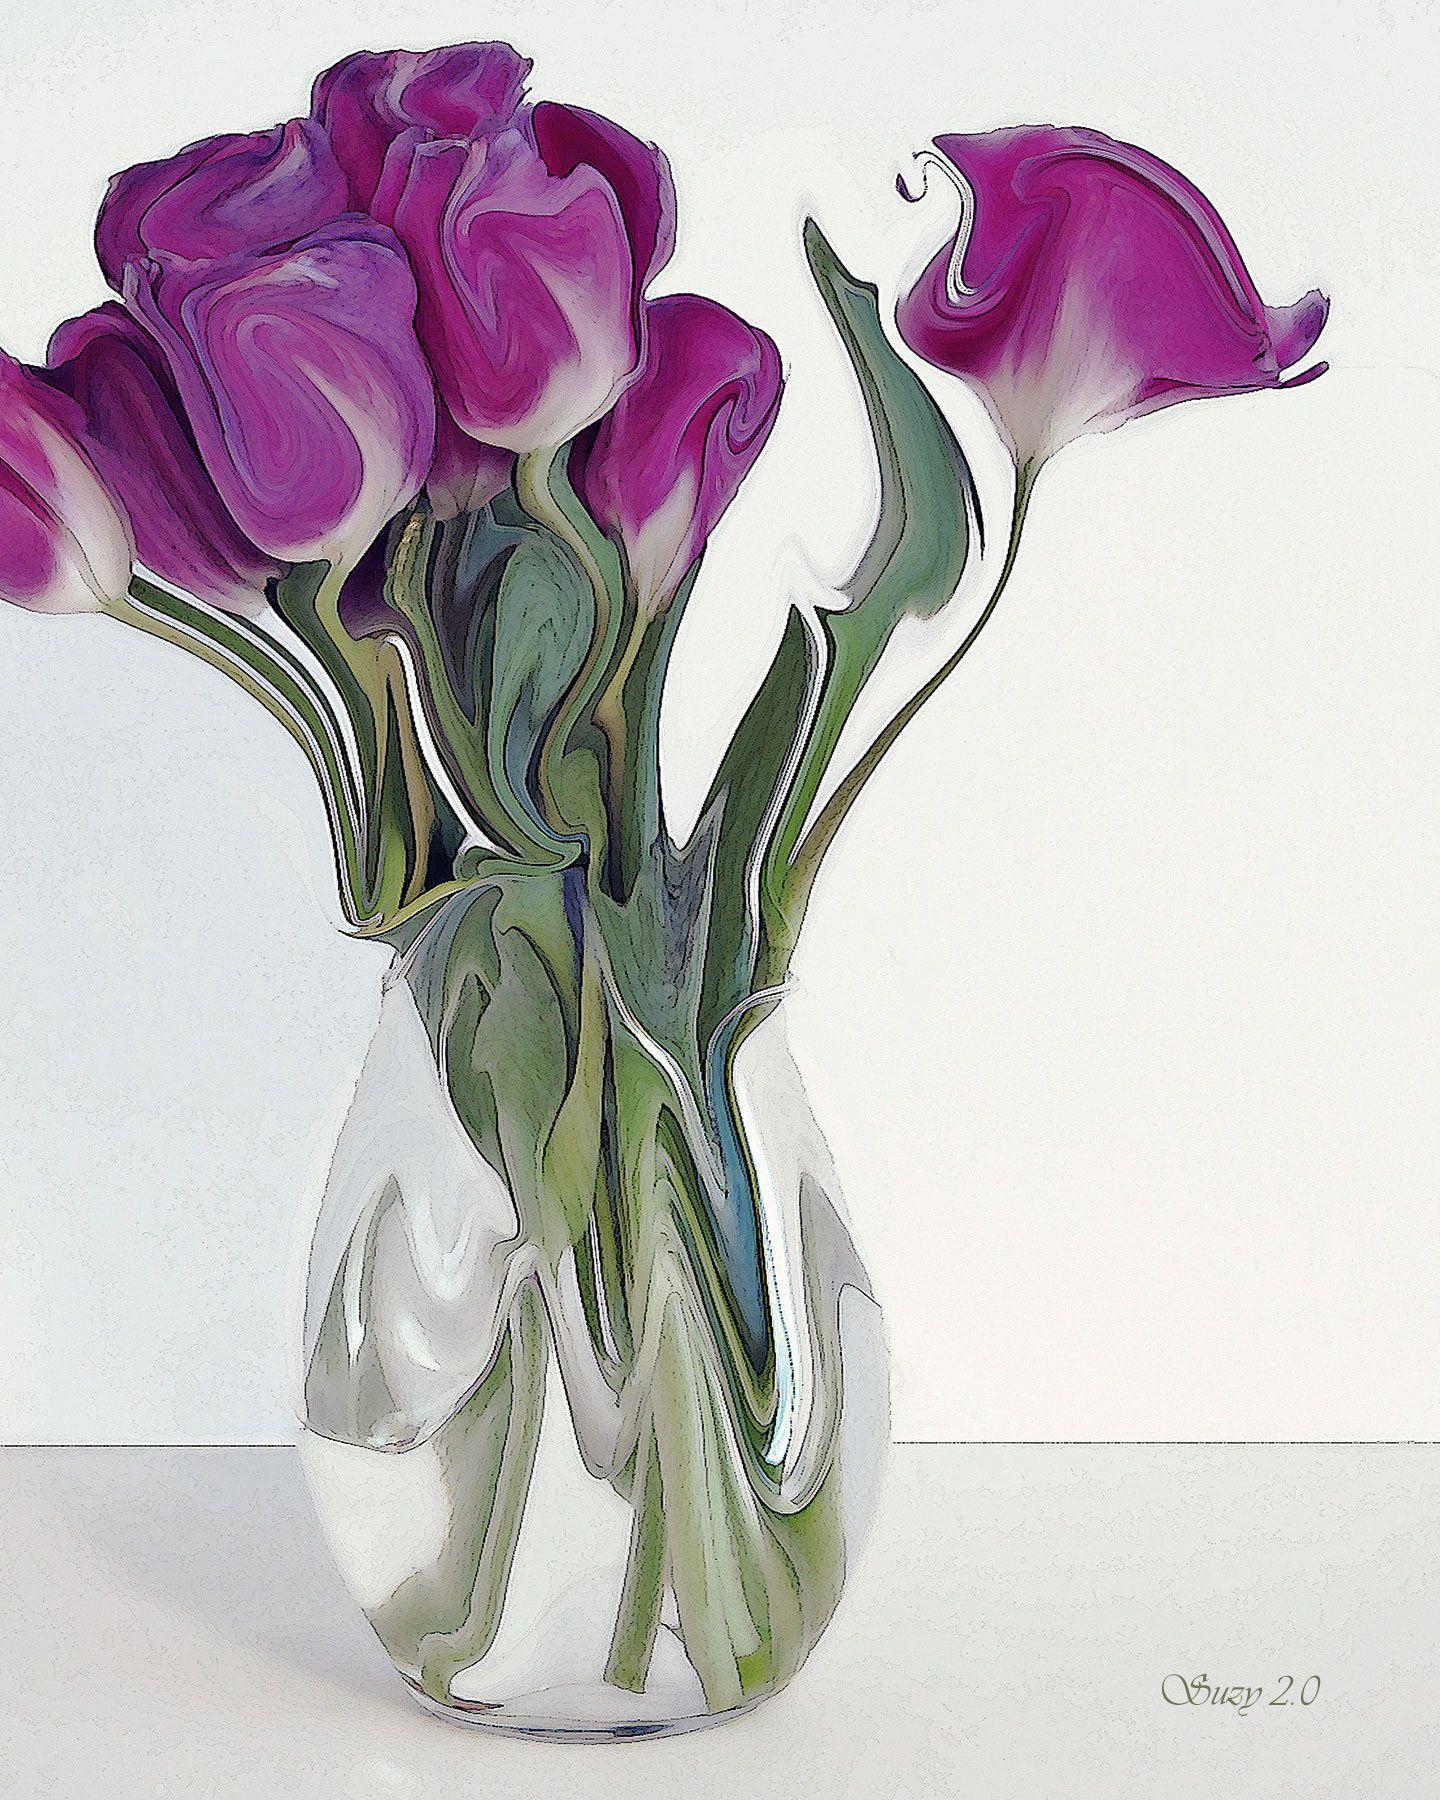 Prima Ballerina Abstract Purple Tulip Fine Art Print Suzy2point0 Fine Art Prints Purple Tulips Flower Bouquet Painting